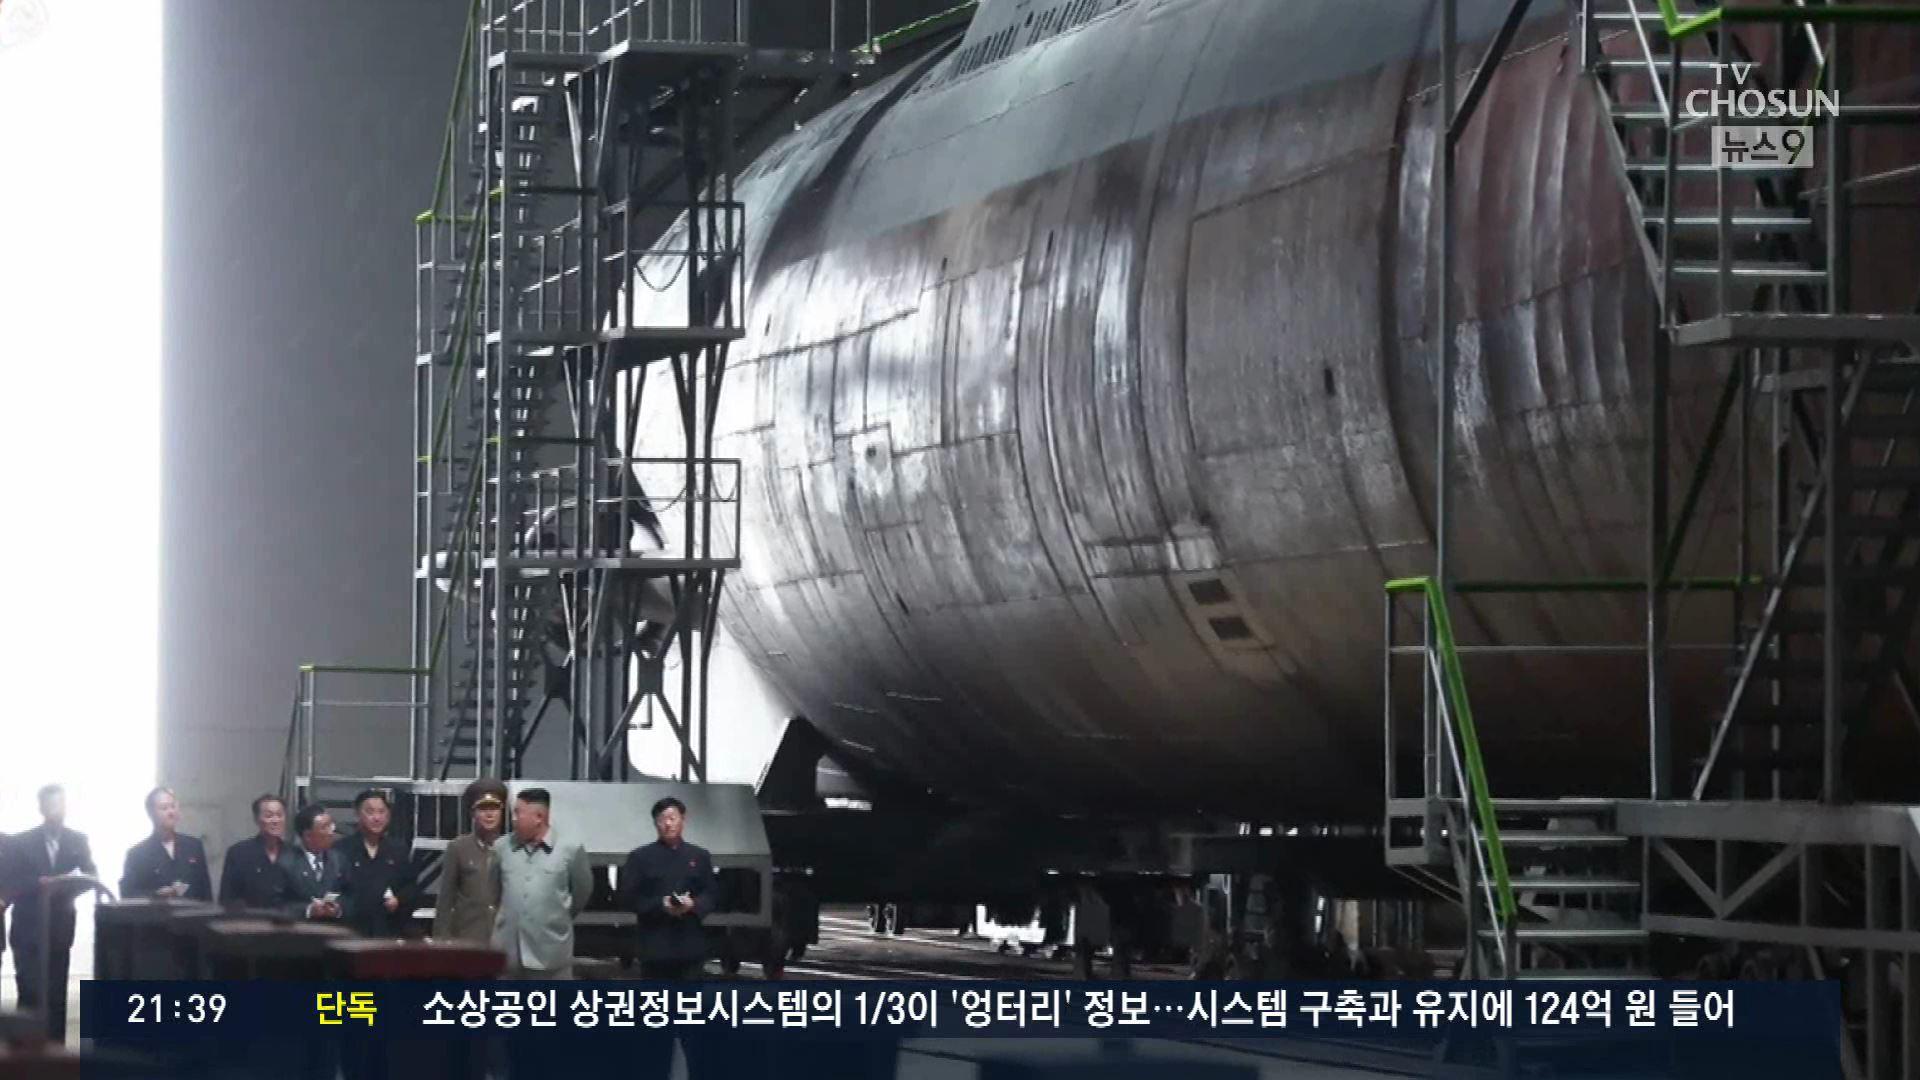 서욱 '北 4천t급 이상 잠수함으로 진화'…뒤늦게 발언 삭제 요구